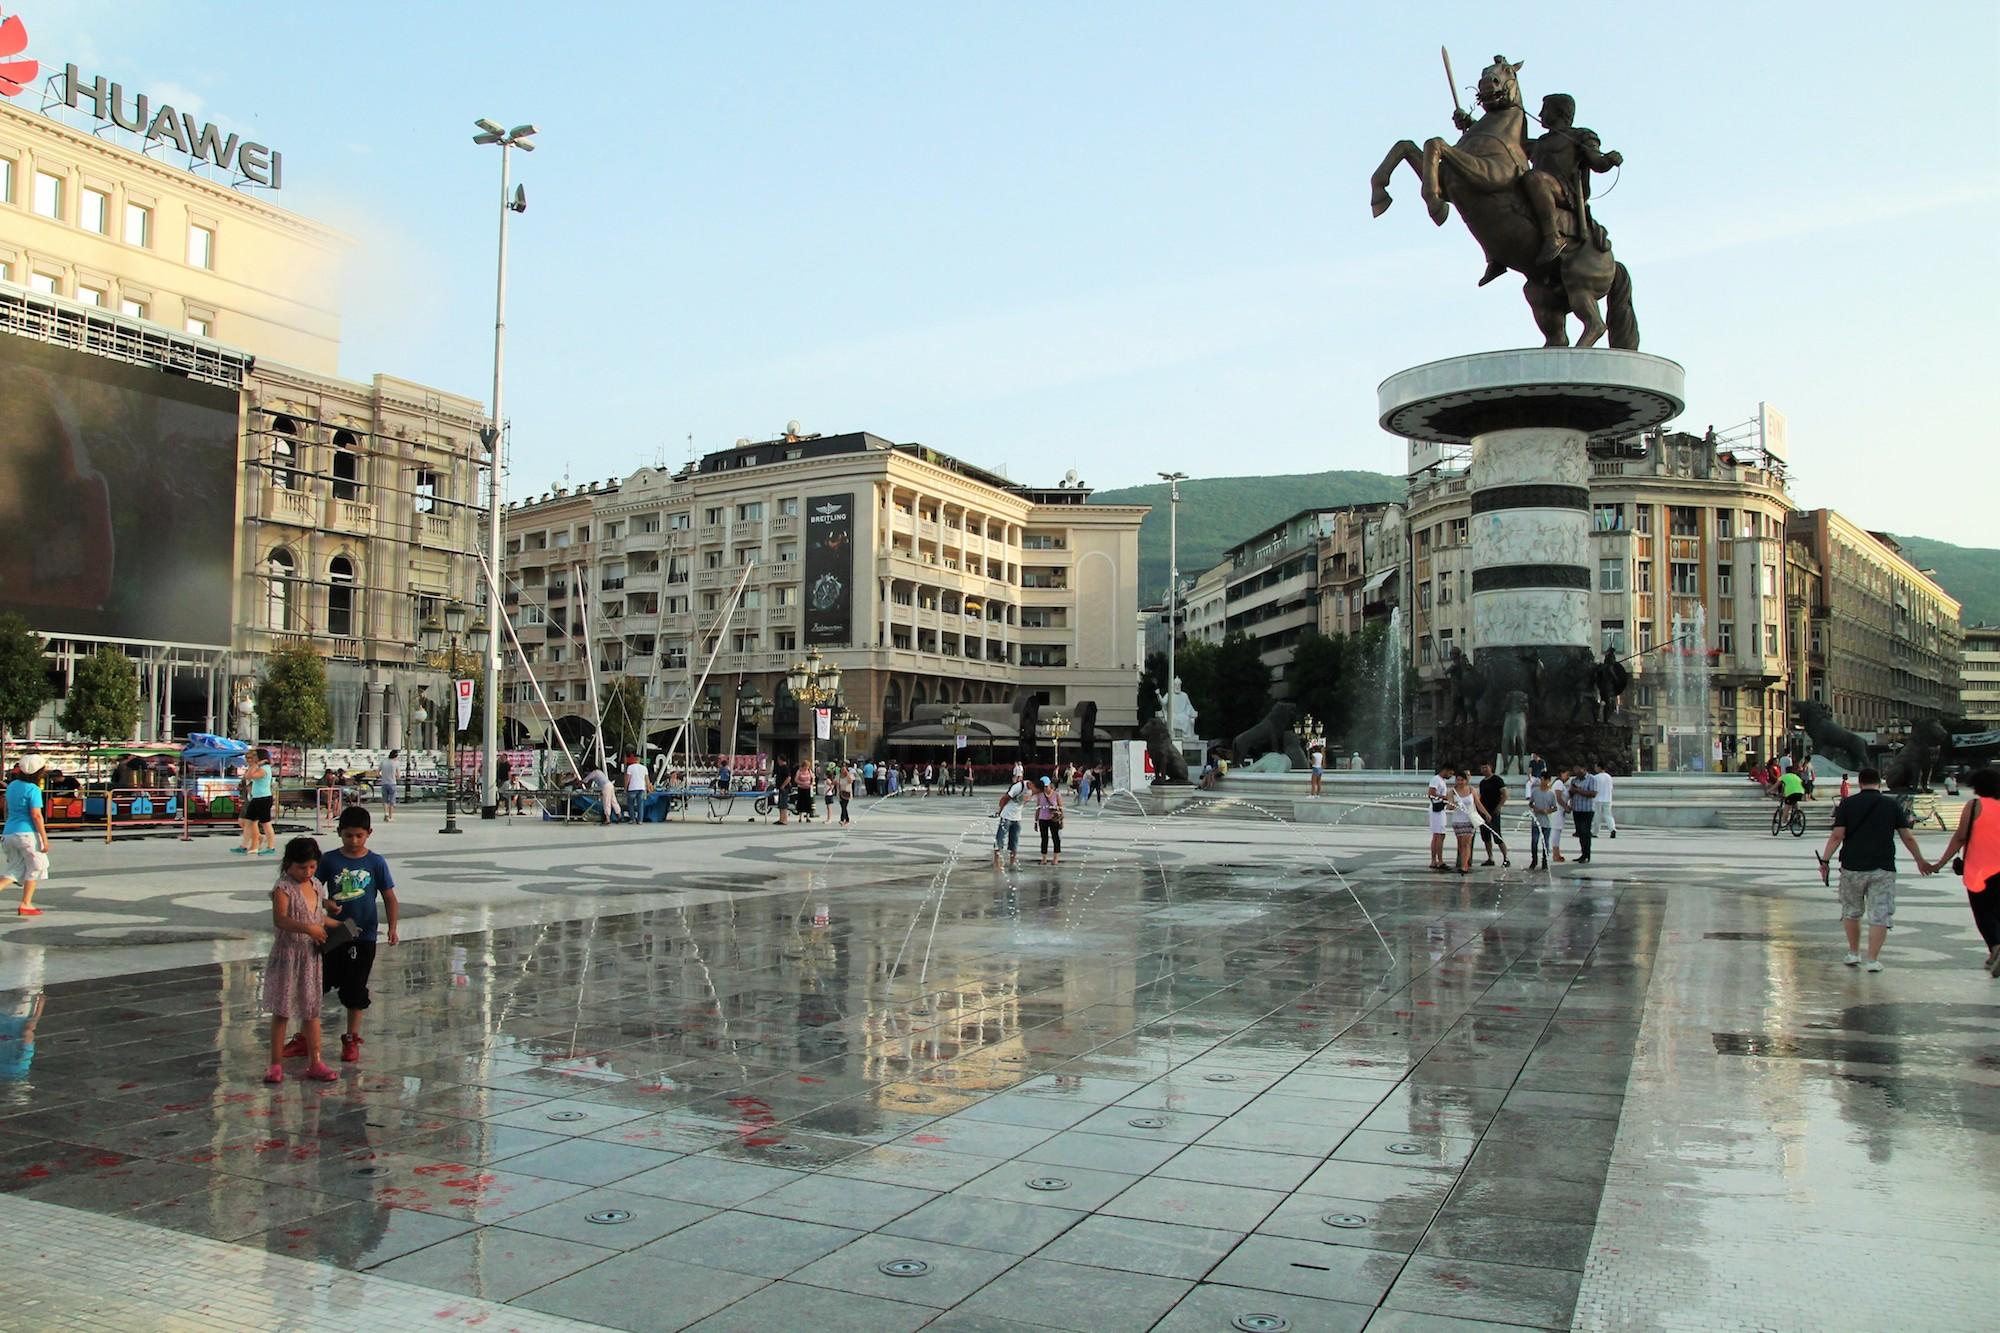 Alexander der Grosse auf dem Hauptplatz Skopjes: Das ideologische Fundament des ganzen Umbaus sitzt auf hohem Ross.